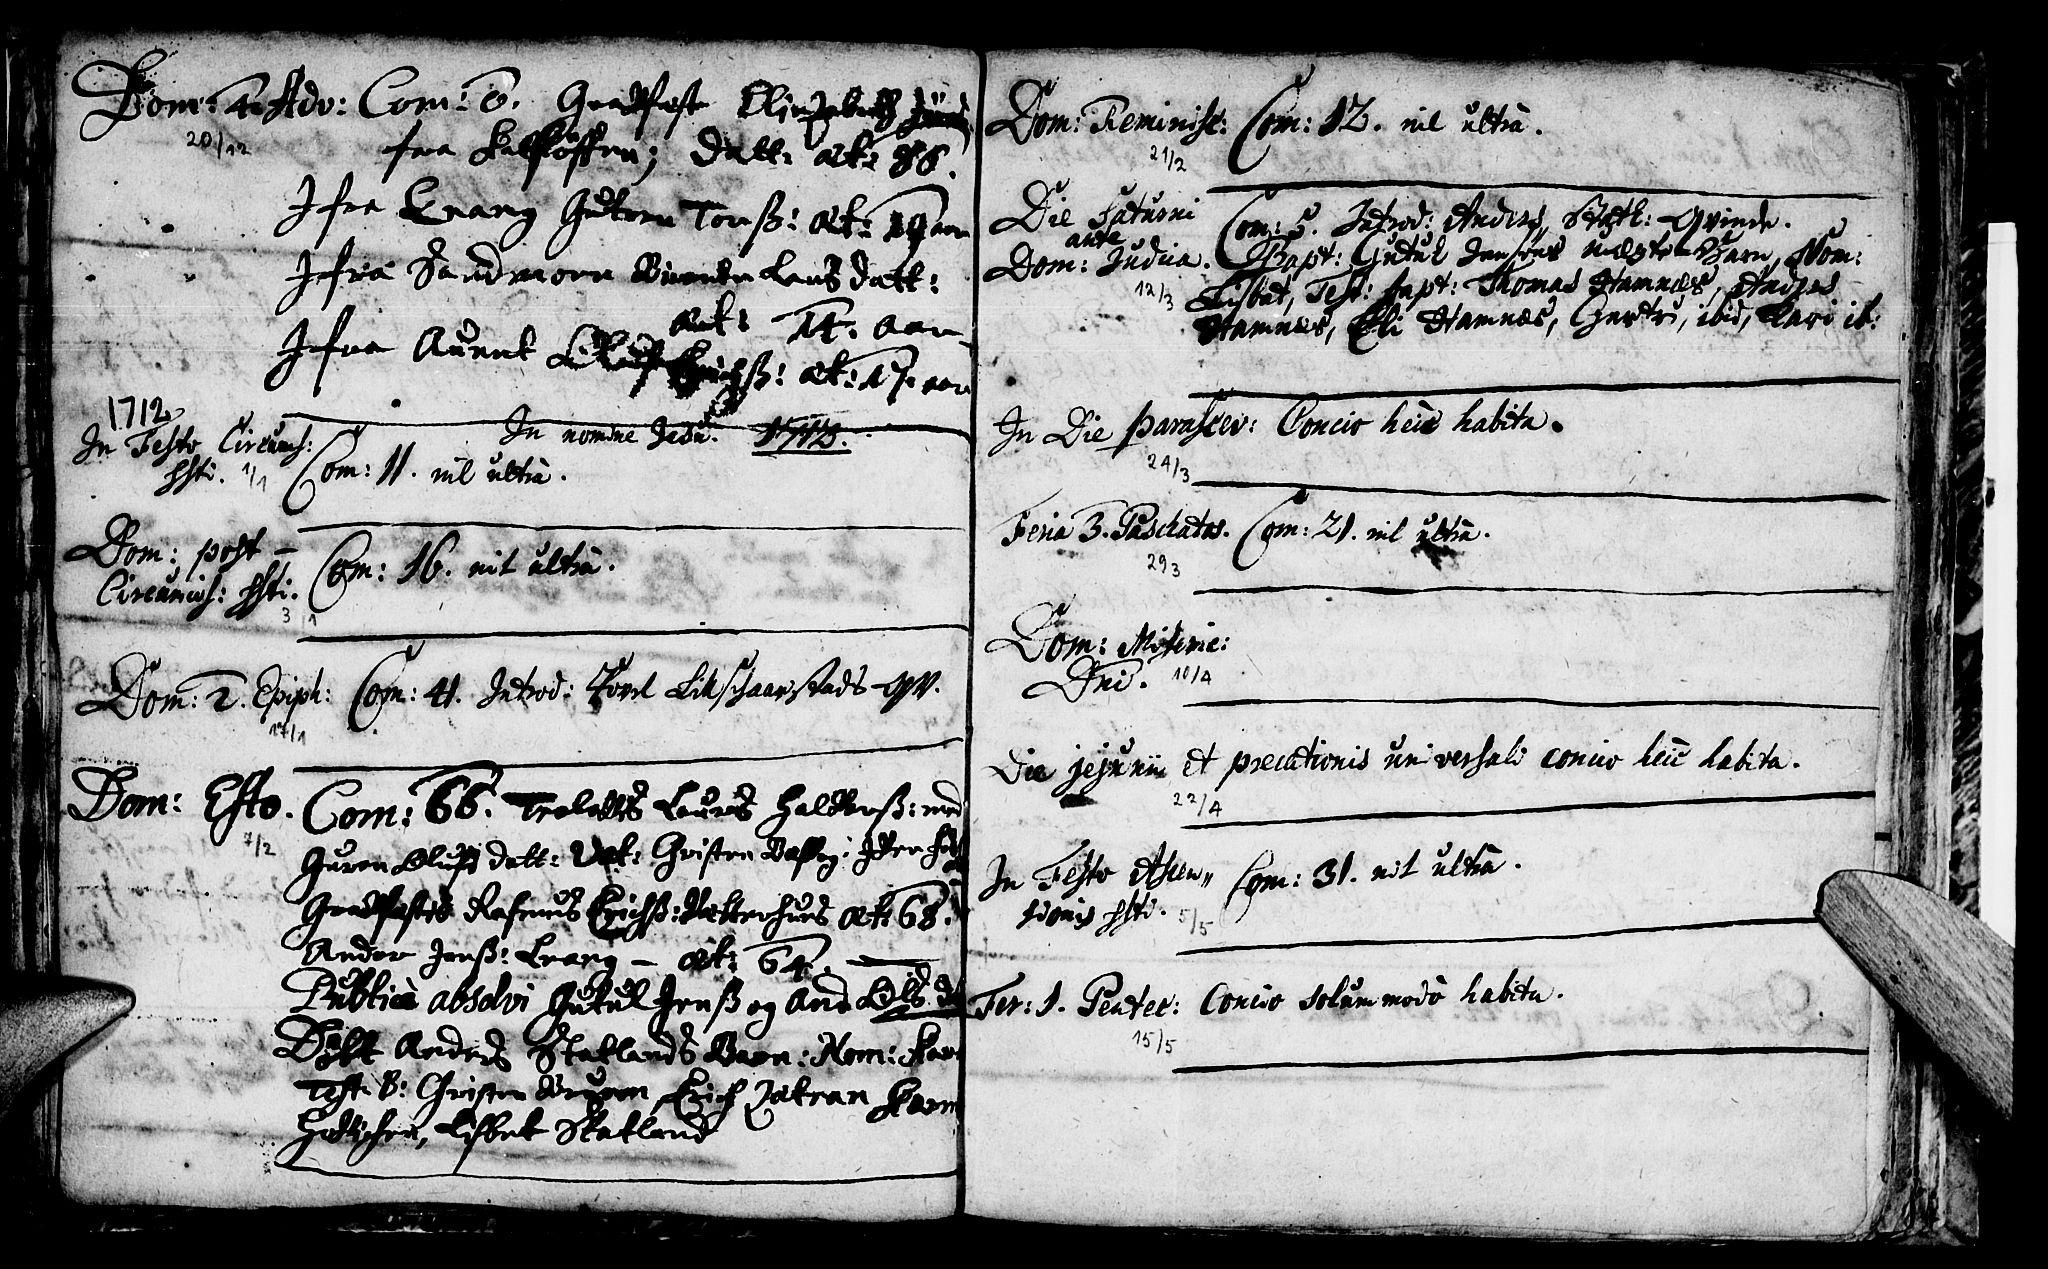 SAT, Ministerialprotokoller, klokkerbøker og fødselsregistre - Nord-Trøndelag, 774/L0627: Ministerialbok nr. 774A01, 1693-1738